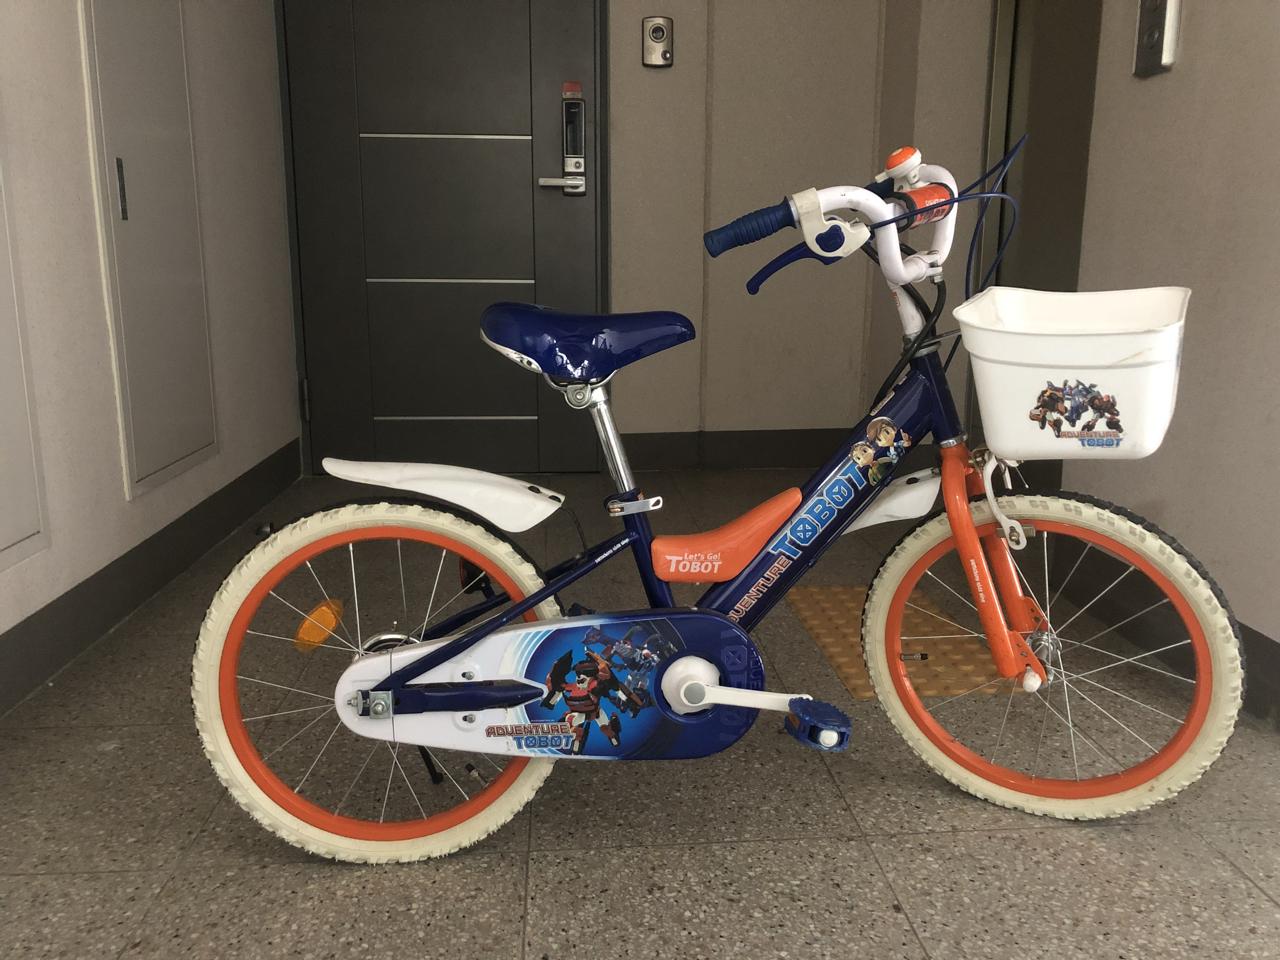 또봇자전거(삼천리자전거)18인치